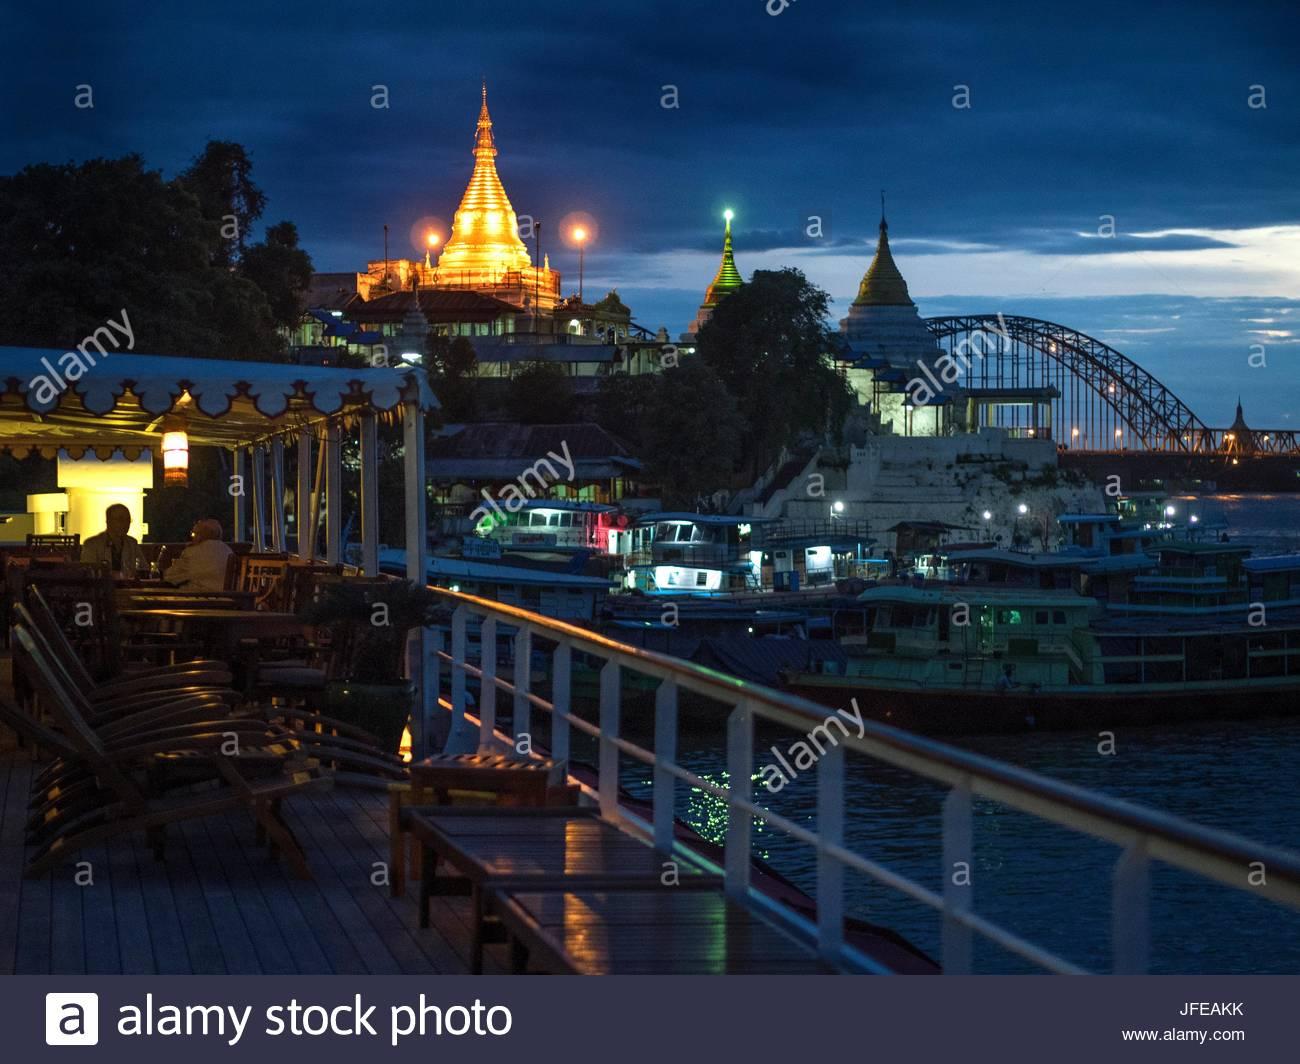 Pagode Shwe Kyet Kya leuchtet Gold im Hintergrund der Boote auf dem Irrawaddy-Fluss angedockt. Stockbild